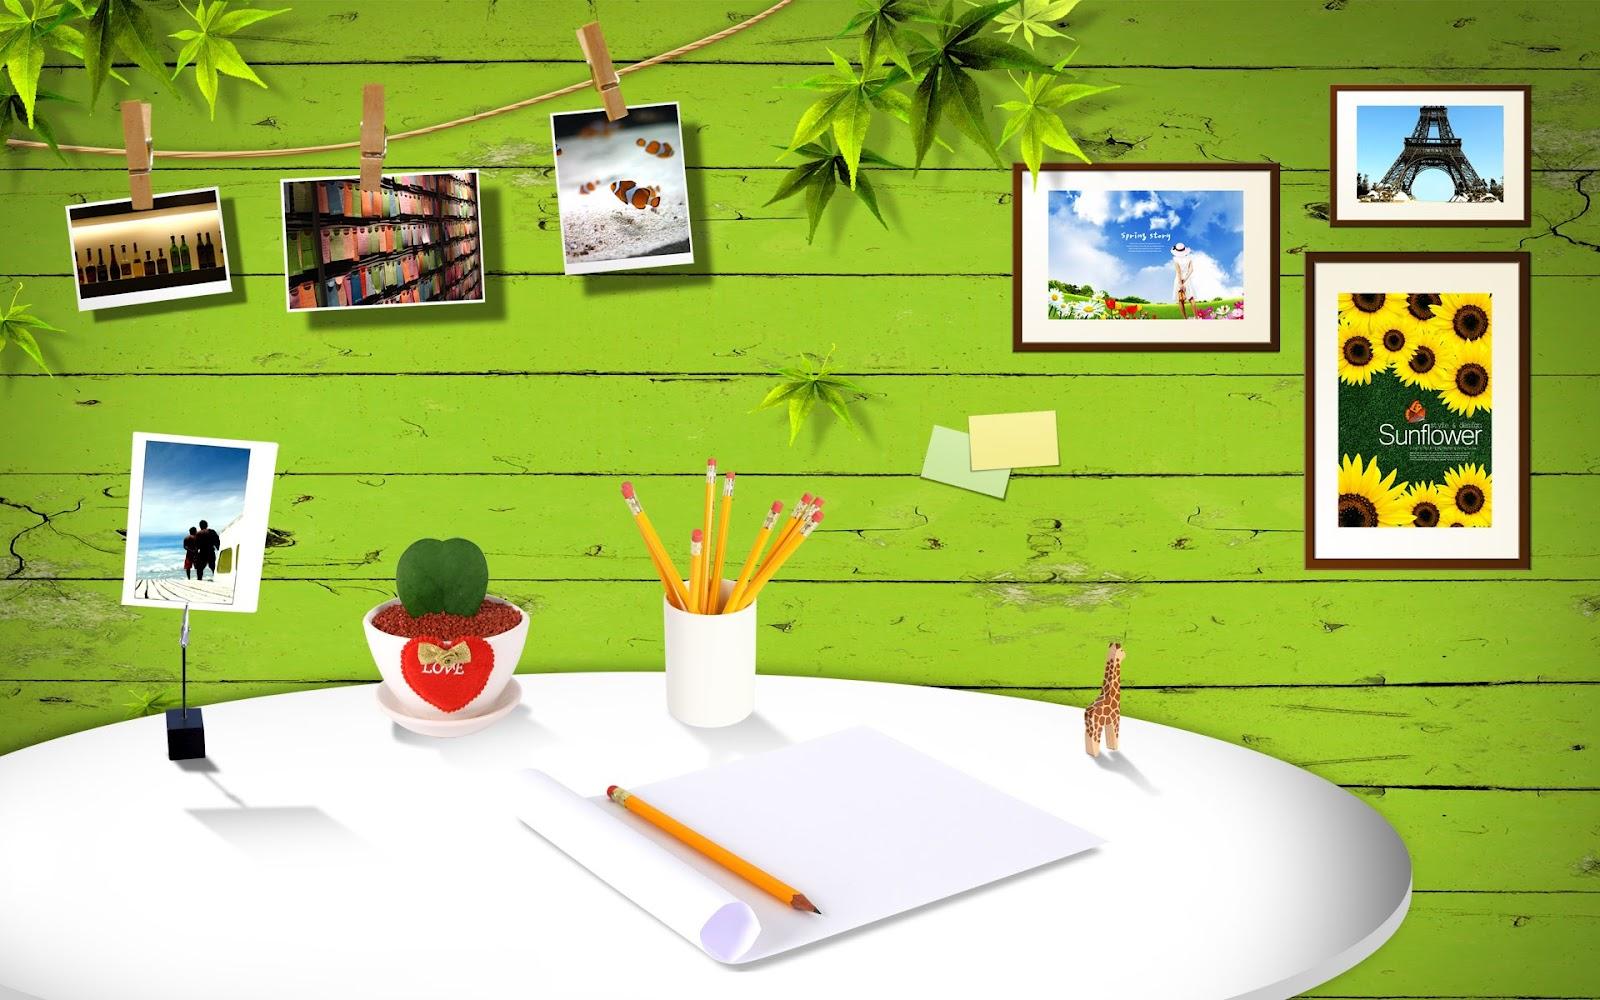 http://4.bp.blogspot.com/-KeZg3gcjVqs/UDb7jUzBwTI/AAAAAAAACK4/pnjGqJwFun8/s1600/Phong+C%C3%A1ch+3d+-+Wallpaper-+%E1%BA%A2nh+%C4%90%E1%BA%B9p+Vi%E1%BB%87t+(12).jpg